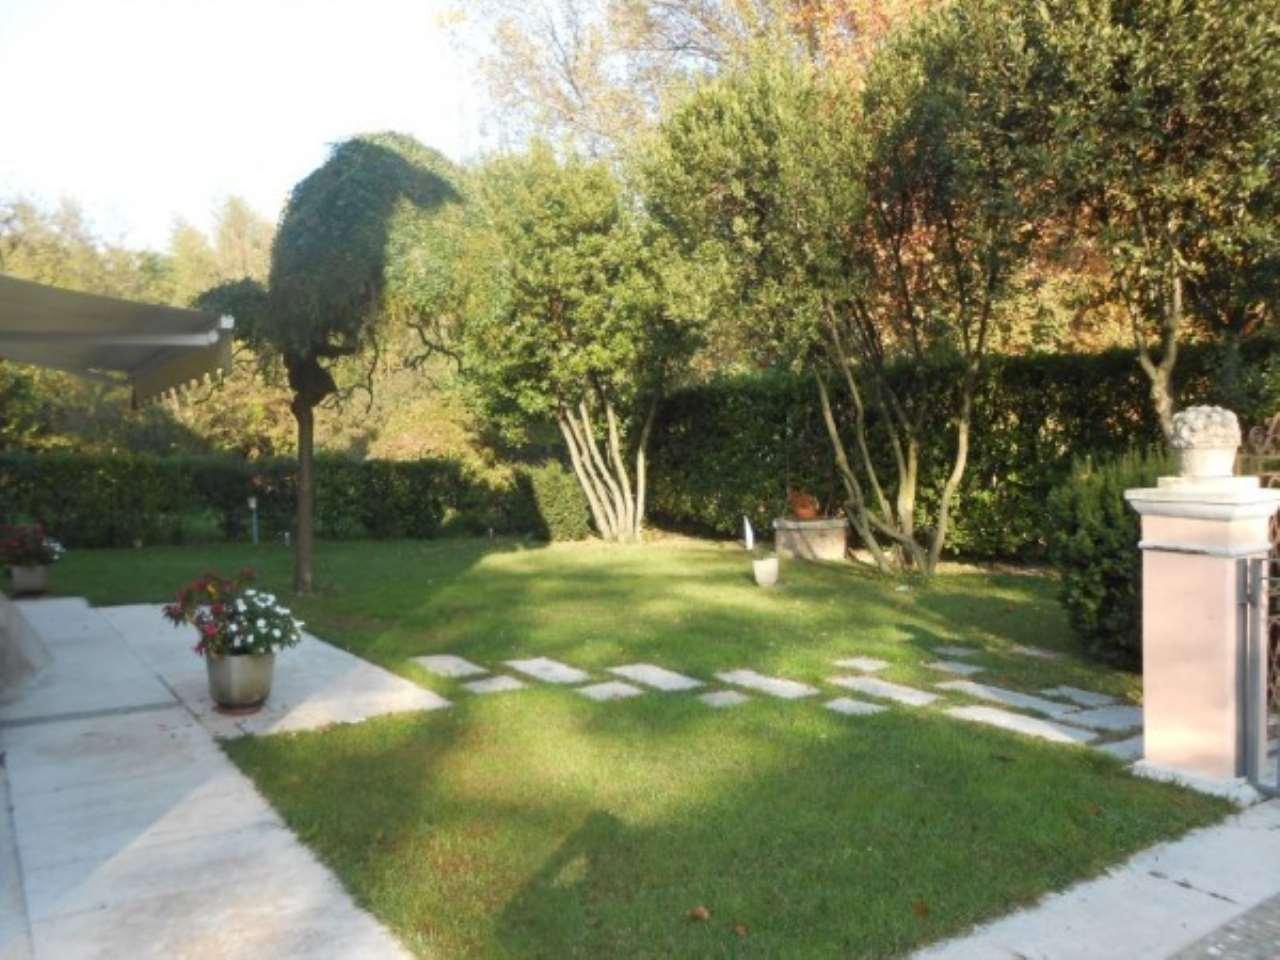 Villa in vendita a Venezia, 5 locali, zona Zona: 13 . Zelarino, prezzo € 320.000 | Cambio Casa.it